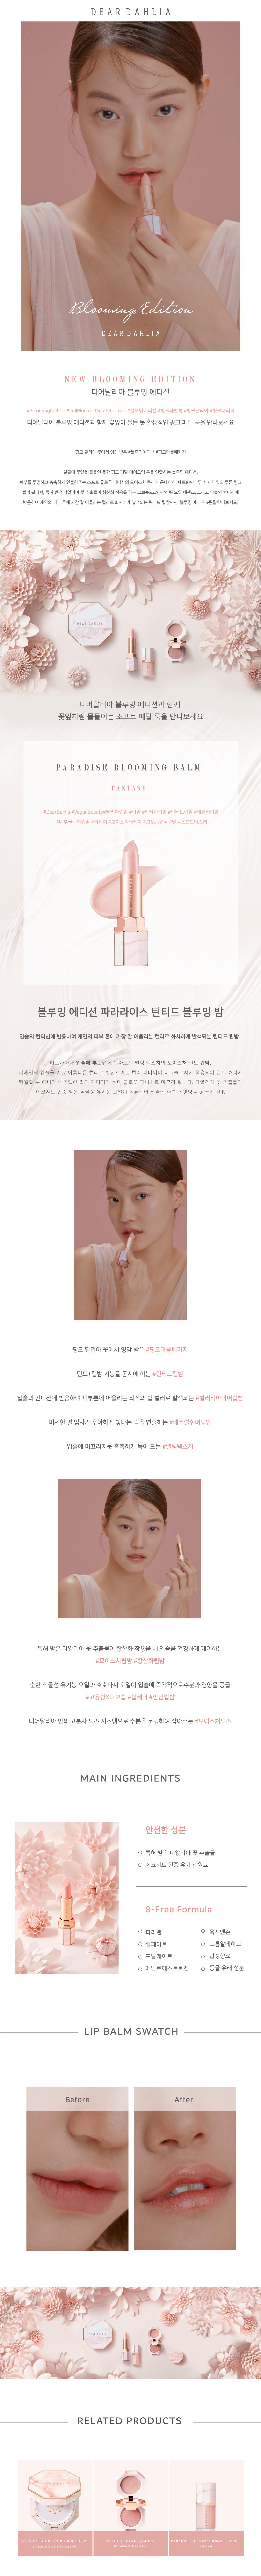 [ShiPAPA] dear dahlia | 粉色大理石滋養變色潤唇膏 | 韓國直送🇰🇷 | 香港 澳門